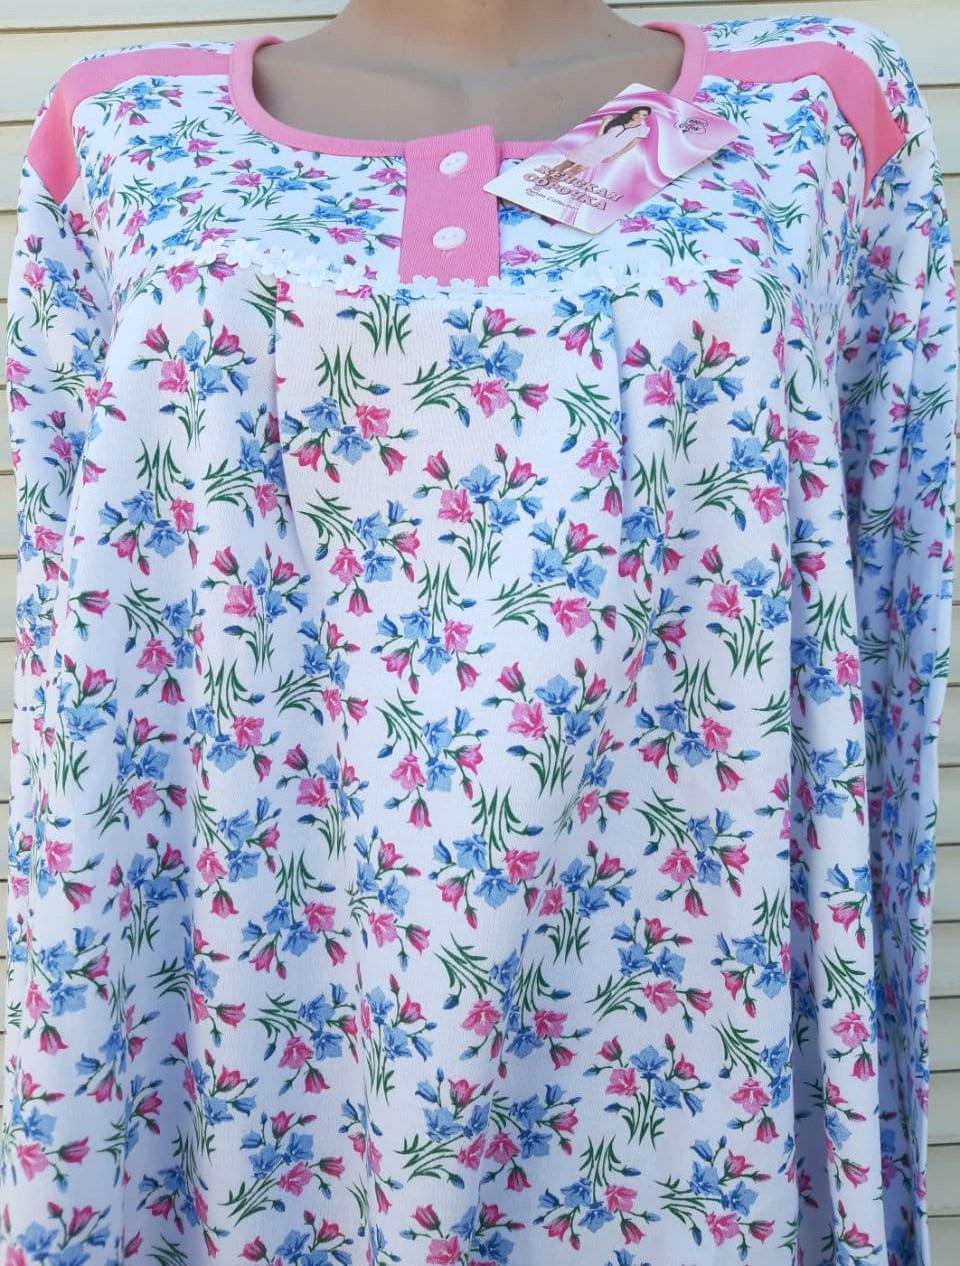 Теплая ночная рубашка Трикотаж на байке Натуральная сорочка Лучики 58 размер